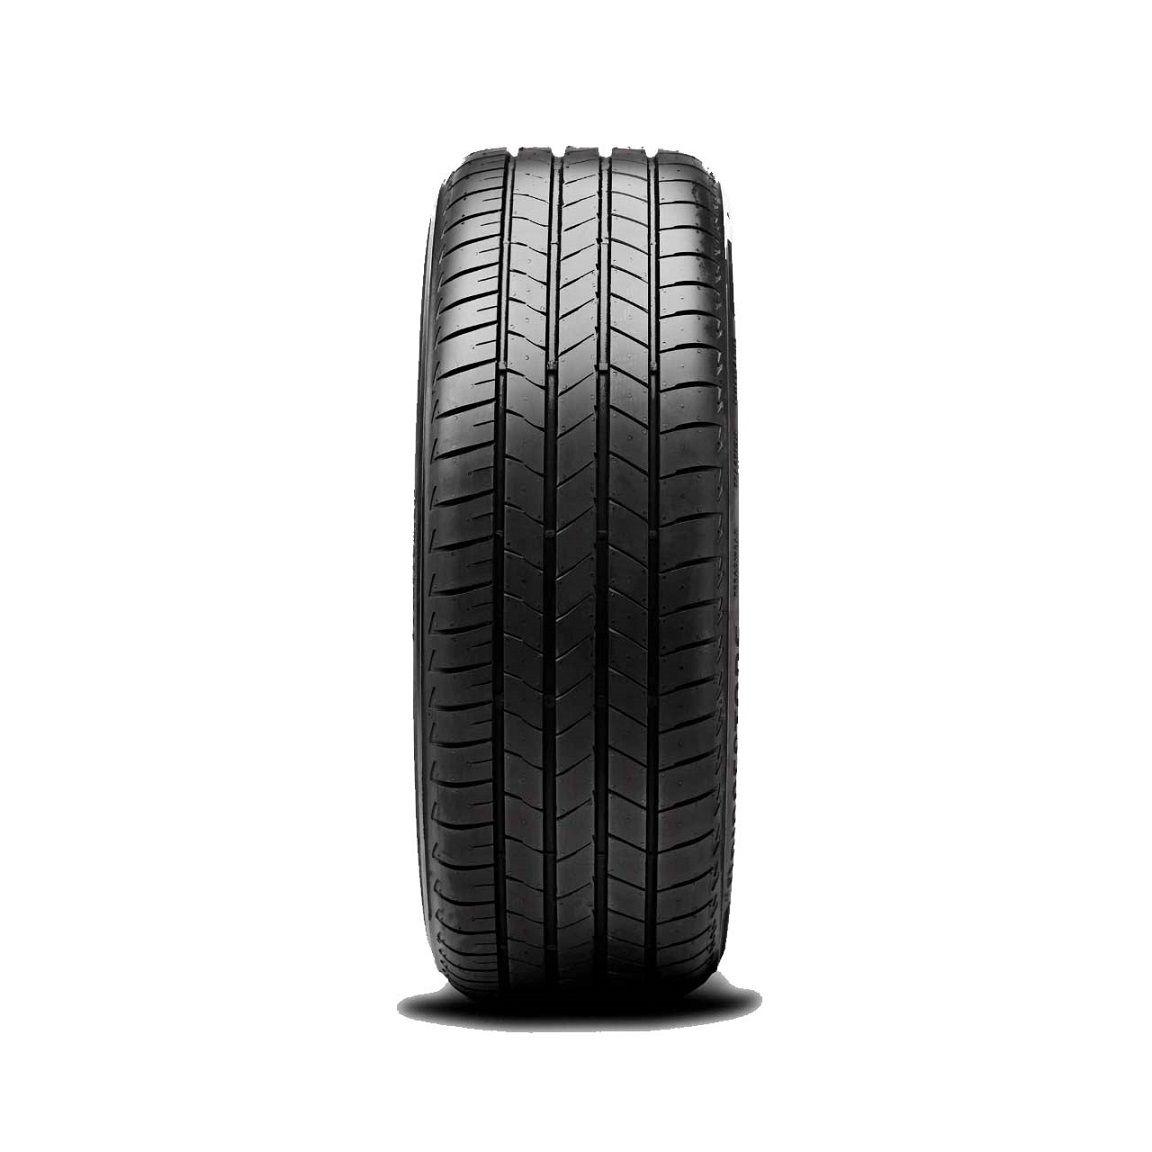 Pneu 235/55 R 17 - Turanza T005 99V - Bridgestone